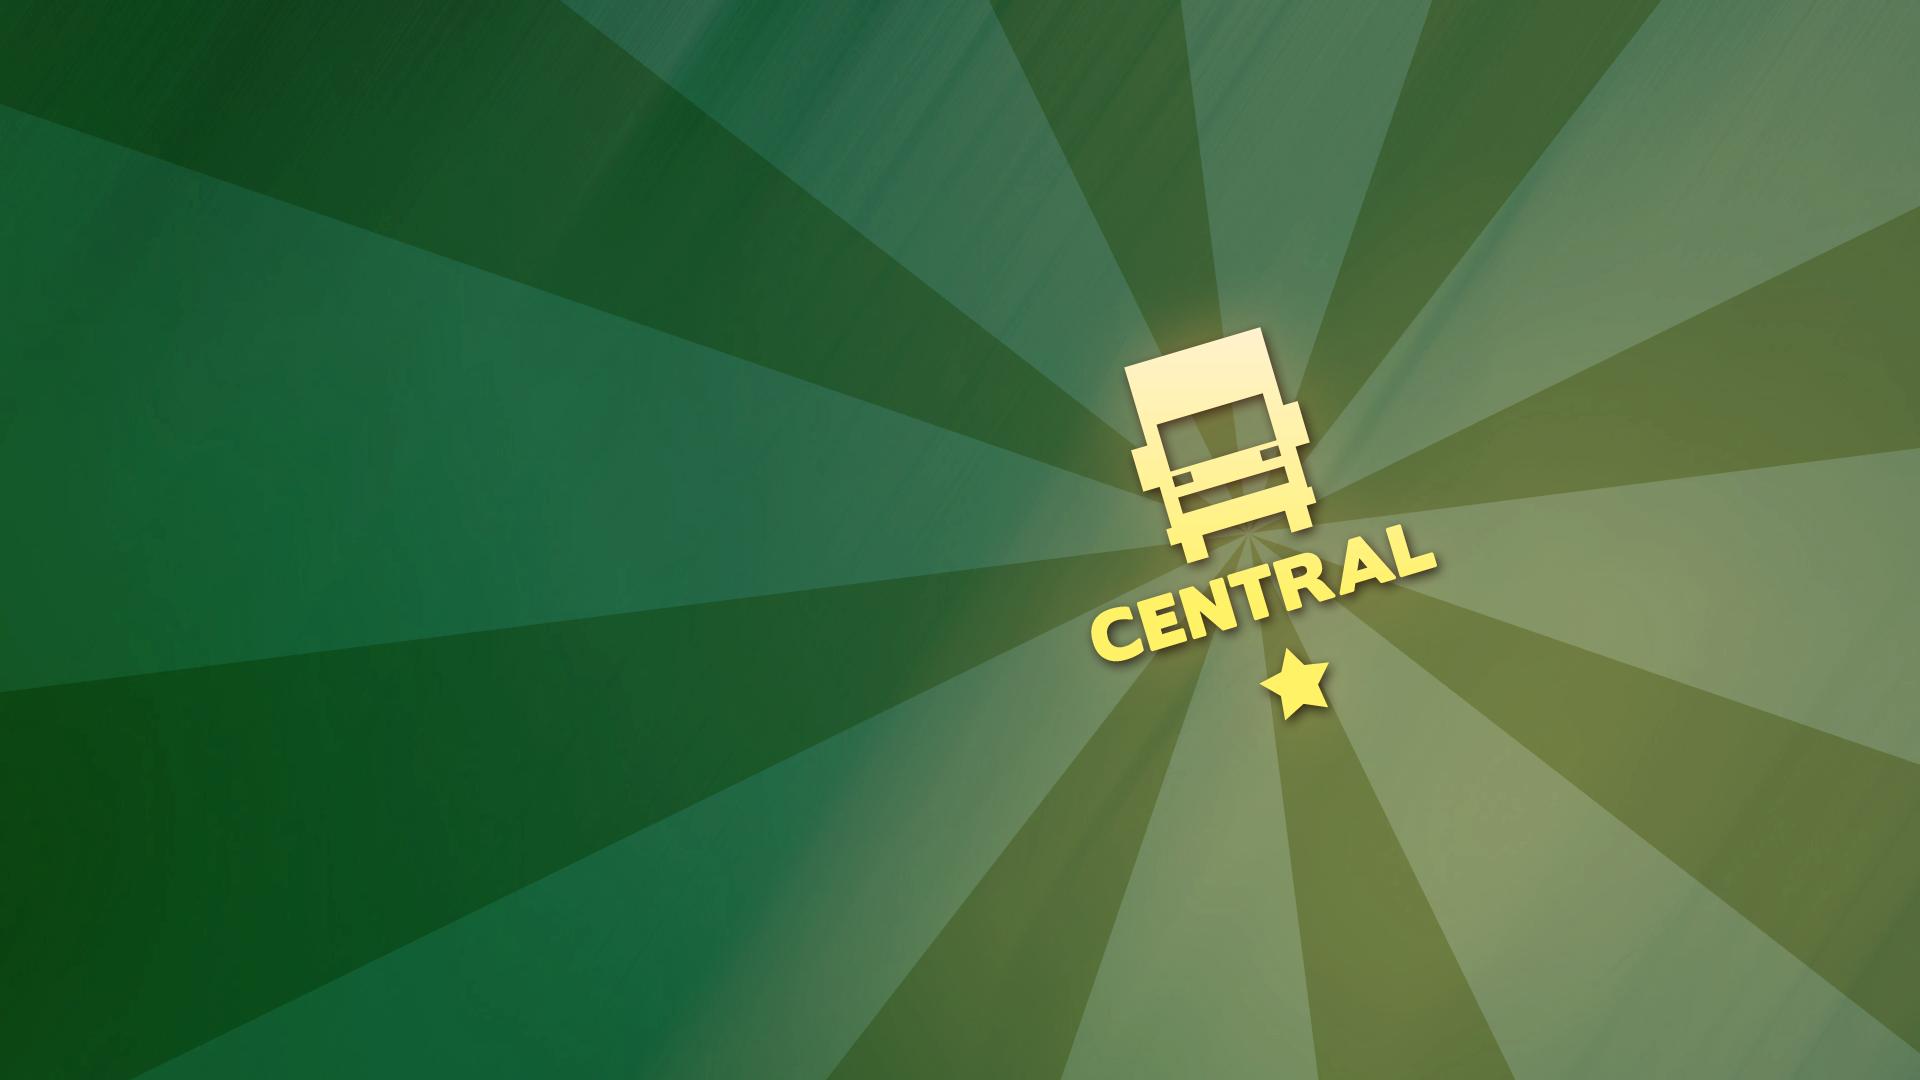 Truck insignia 'Central'